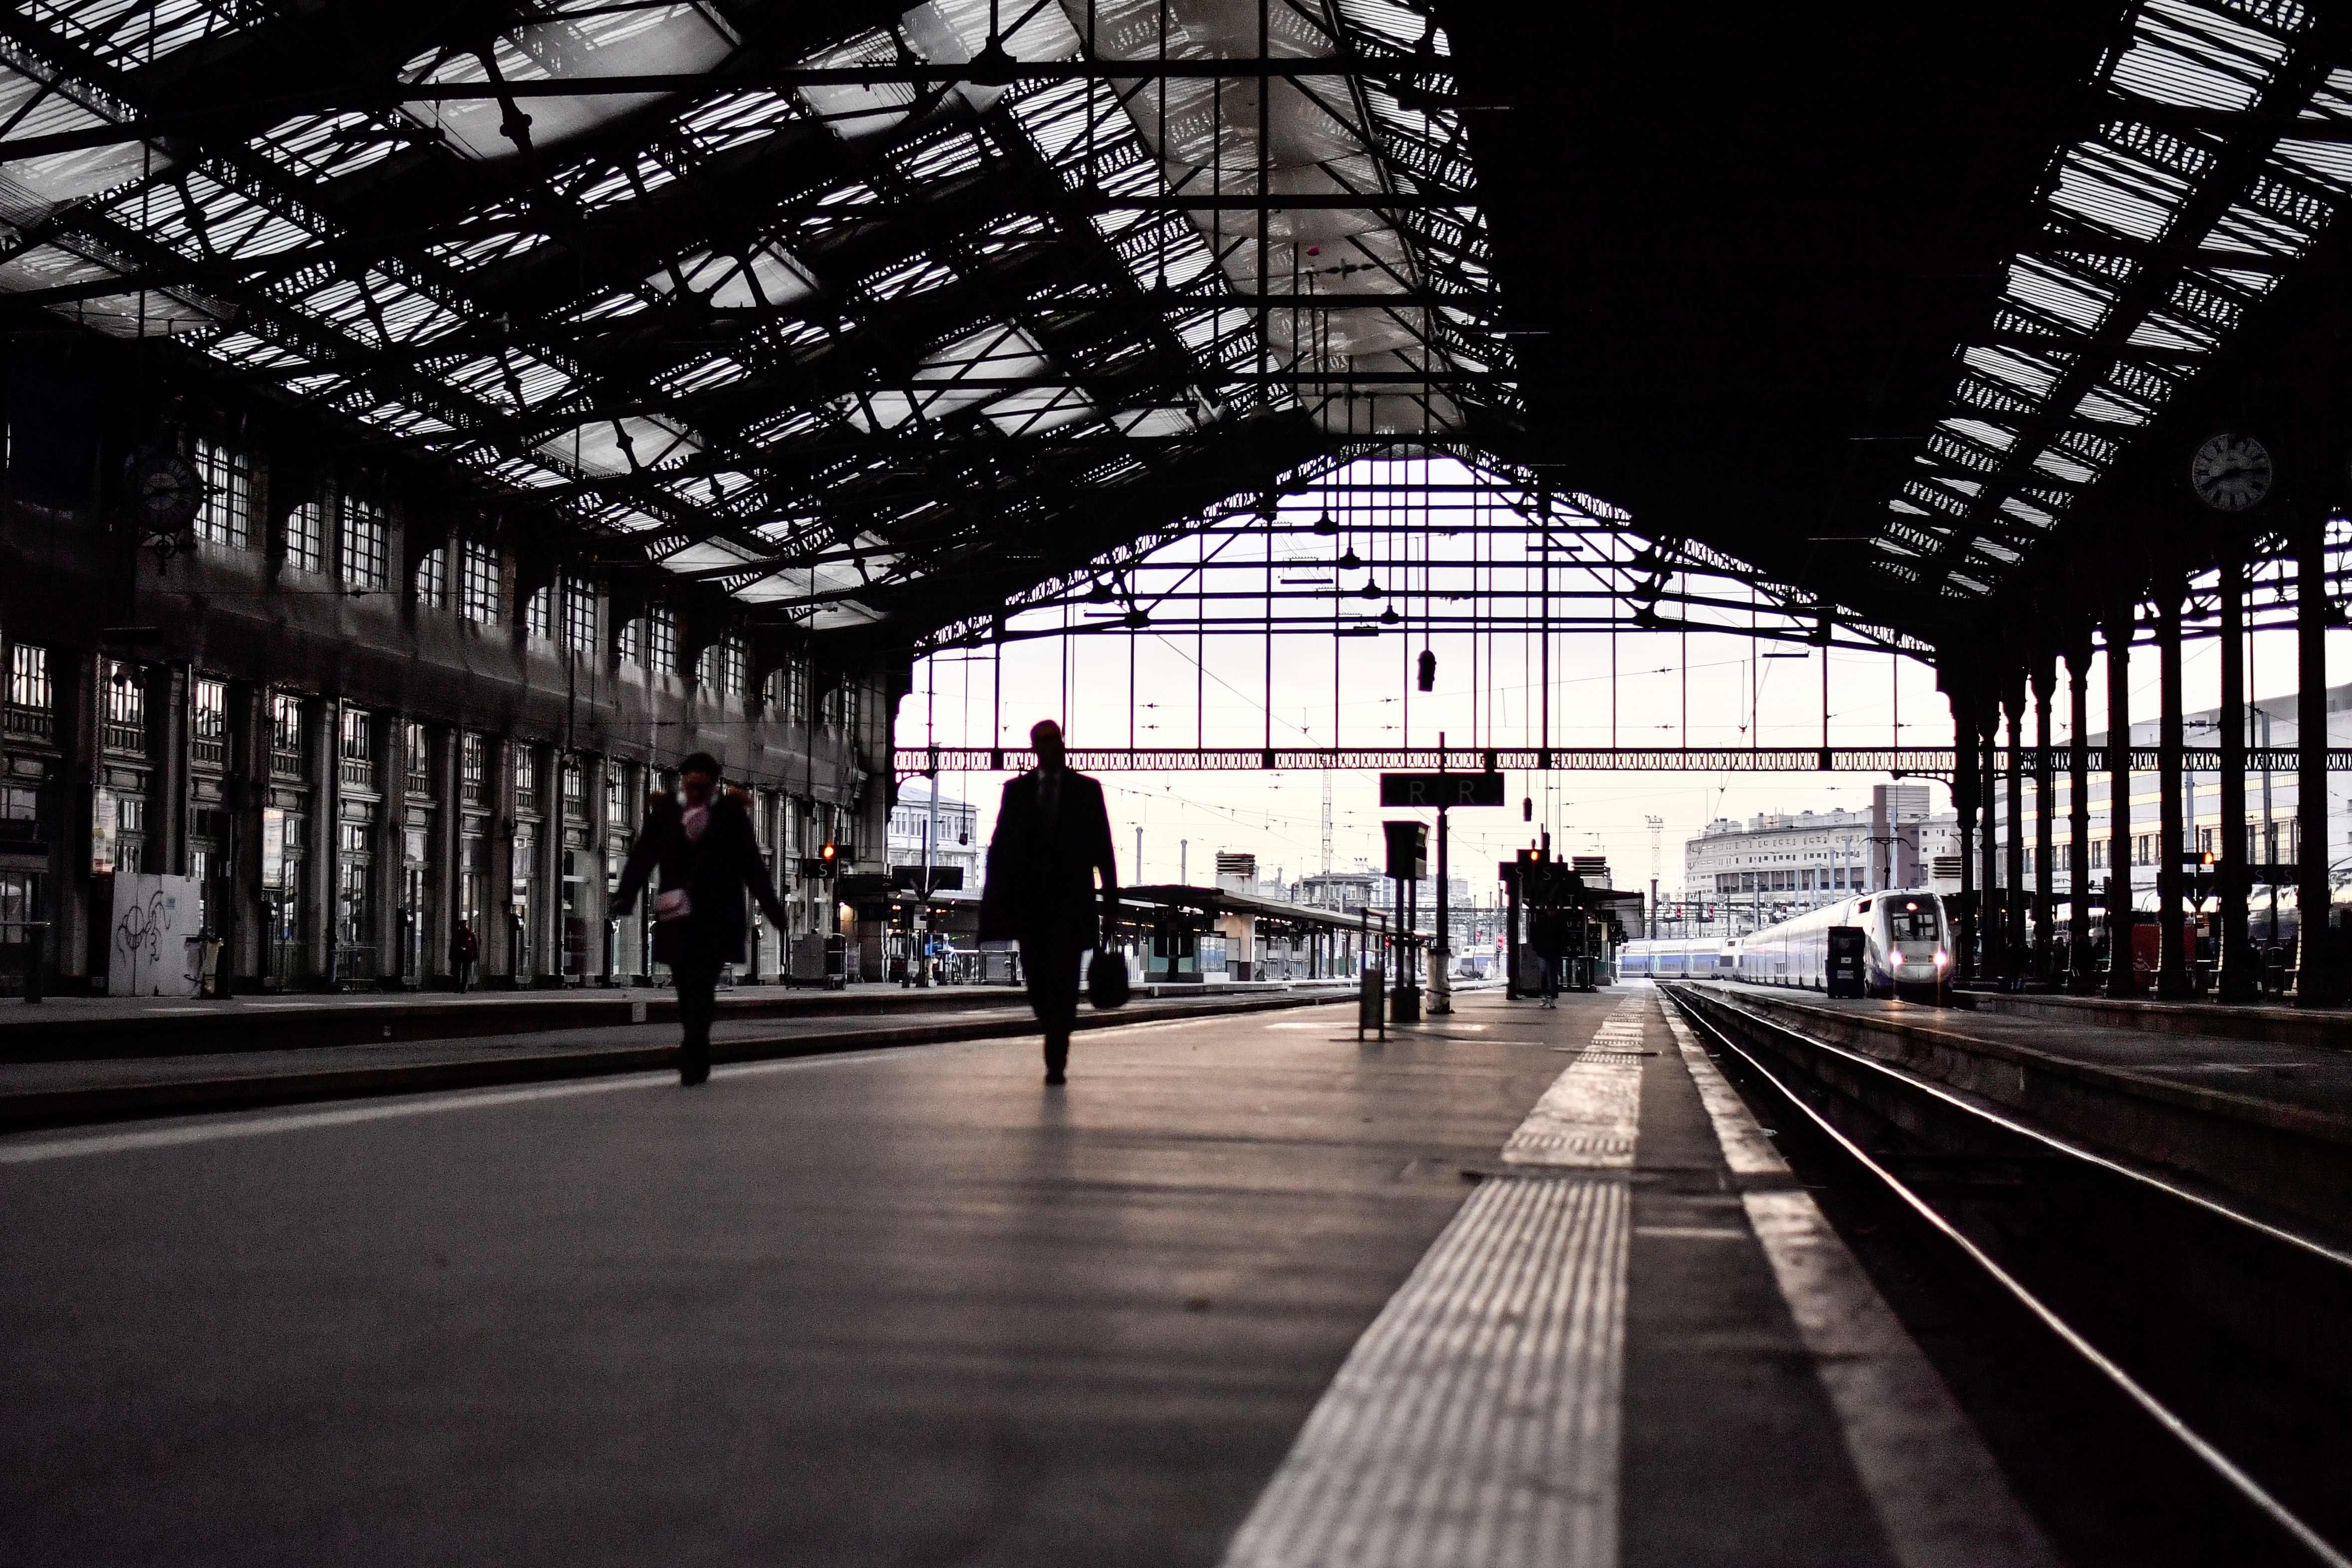 توقف حركة القطارات فى فرنسا بسبب الاضراب